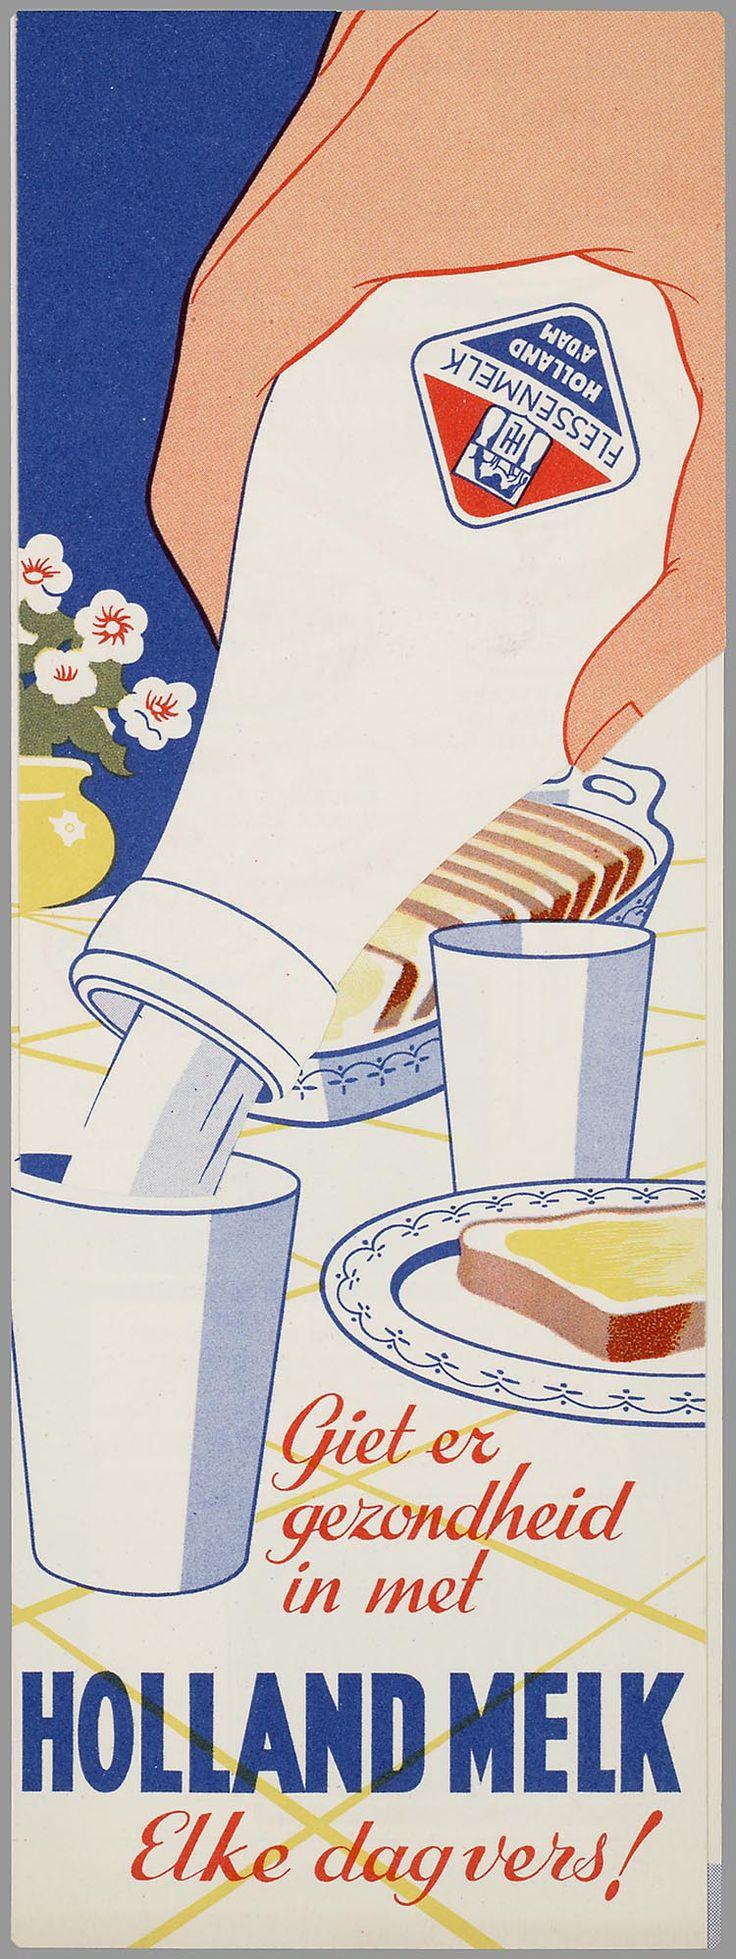 Giet er gezondheid in met Holland melk